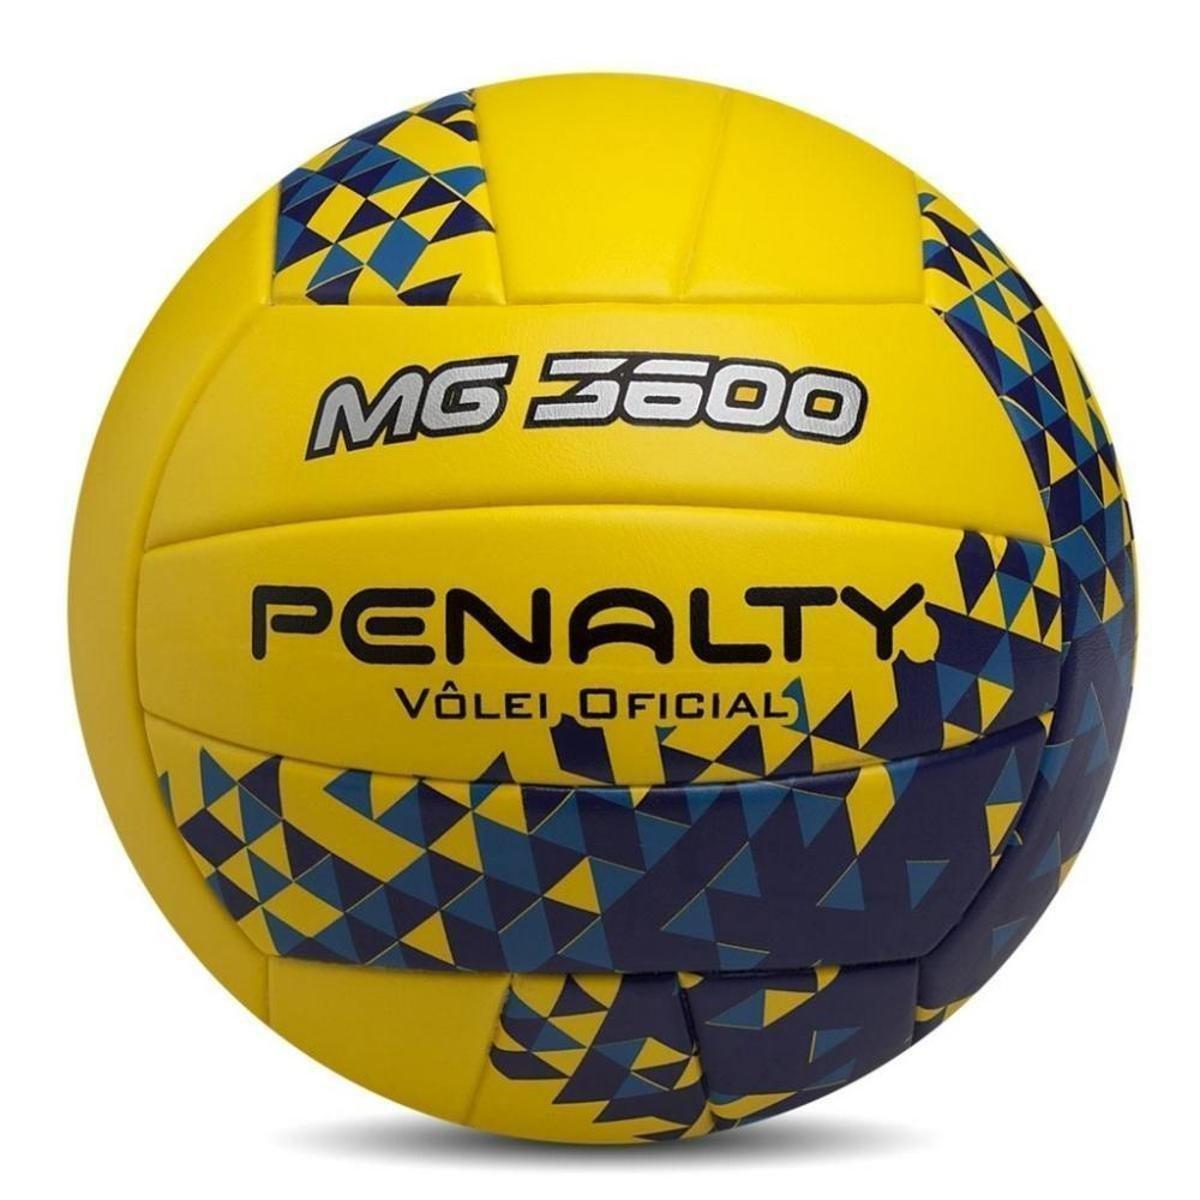 042af3decdaa2 Bola De Volei Oficial Mg3600 Penalty